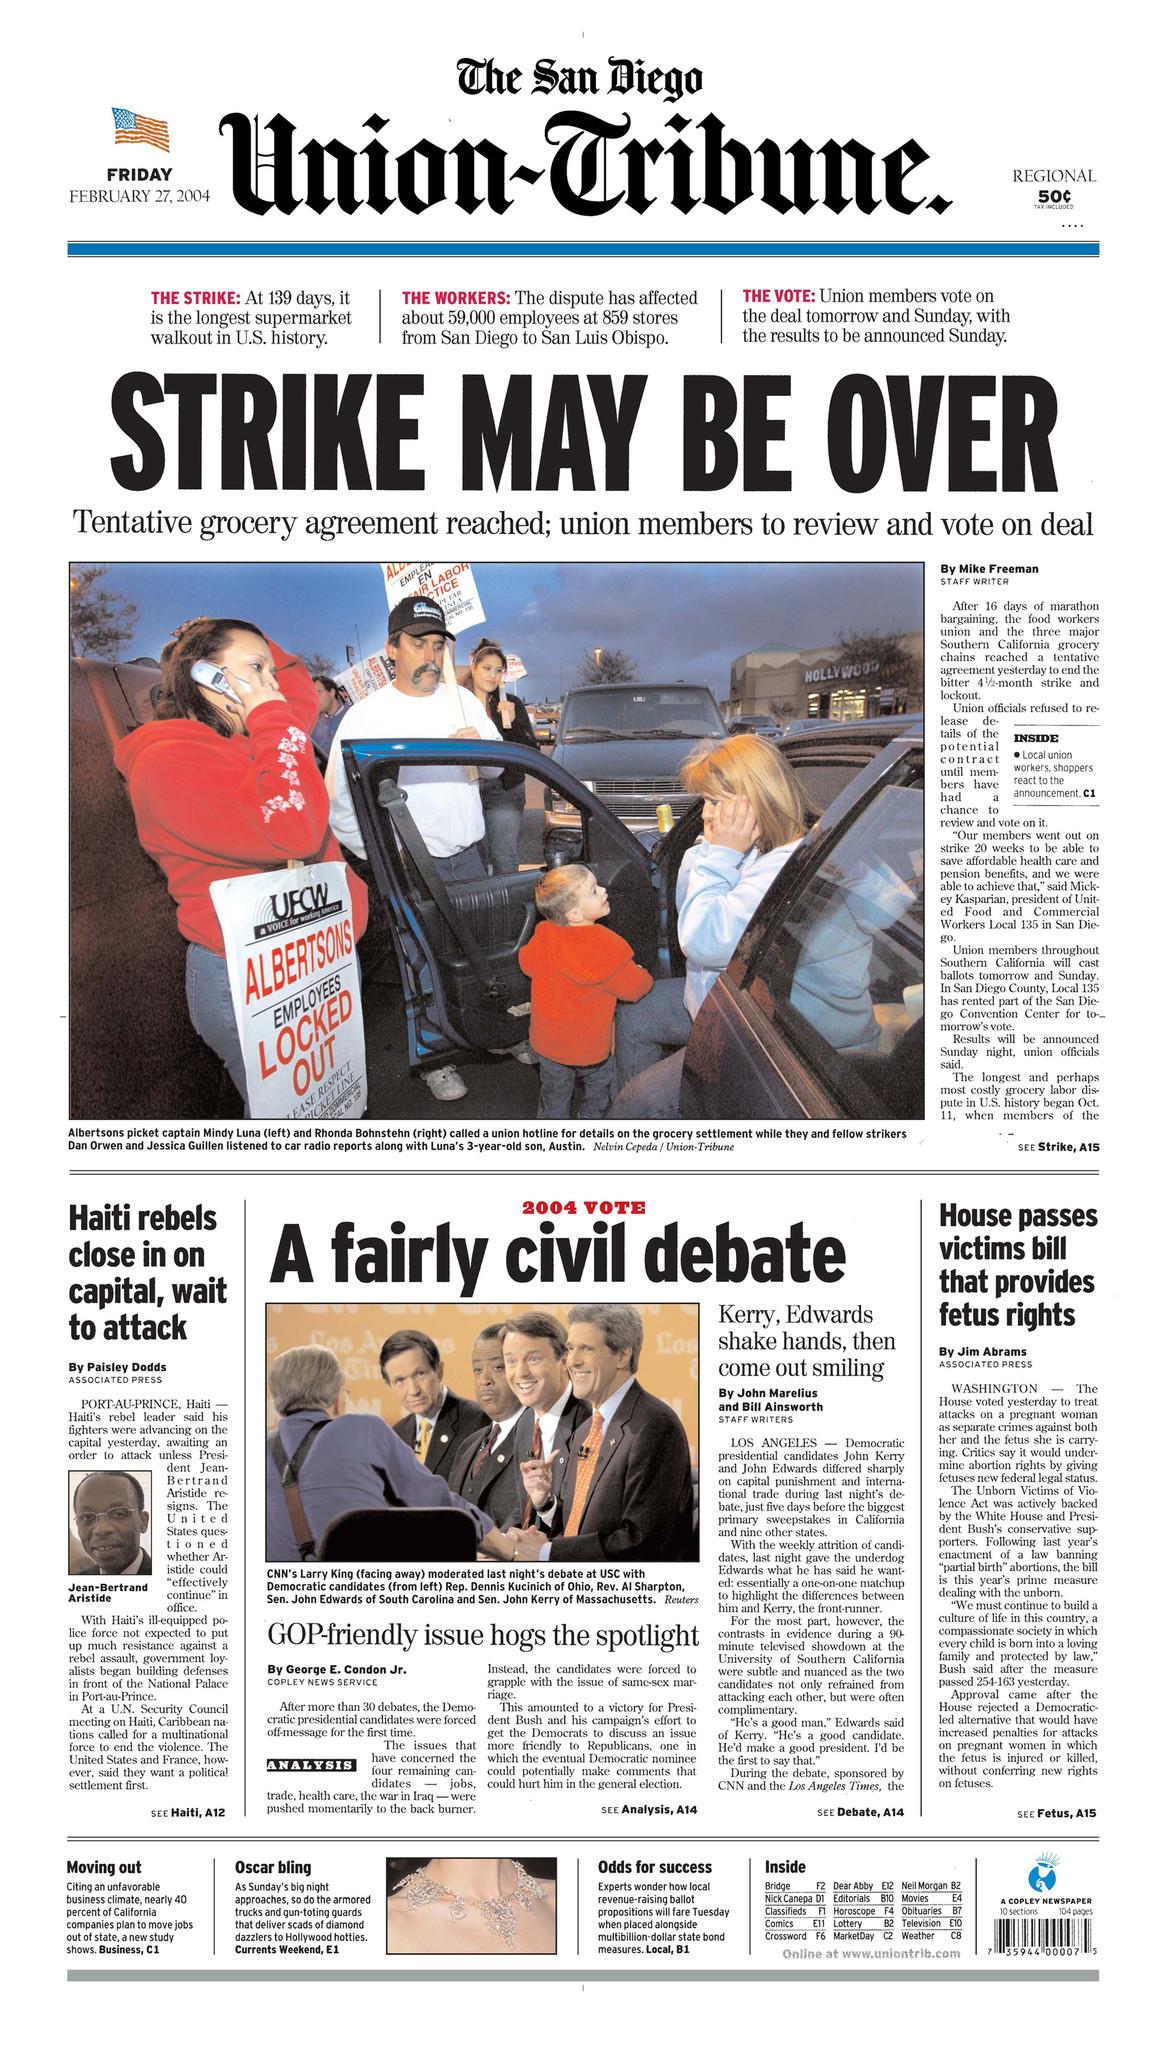 February 27, 2004